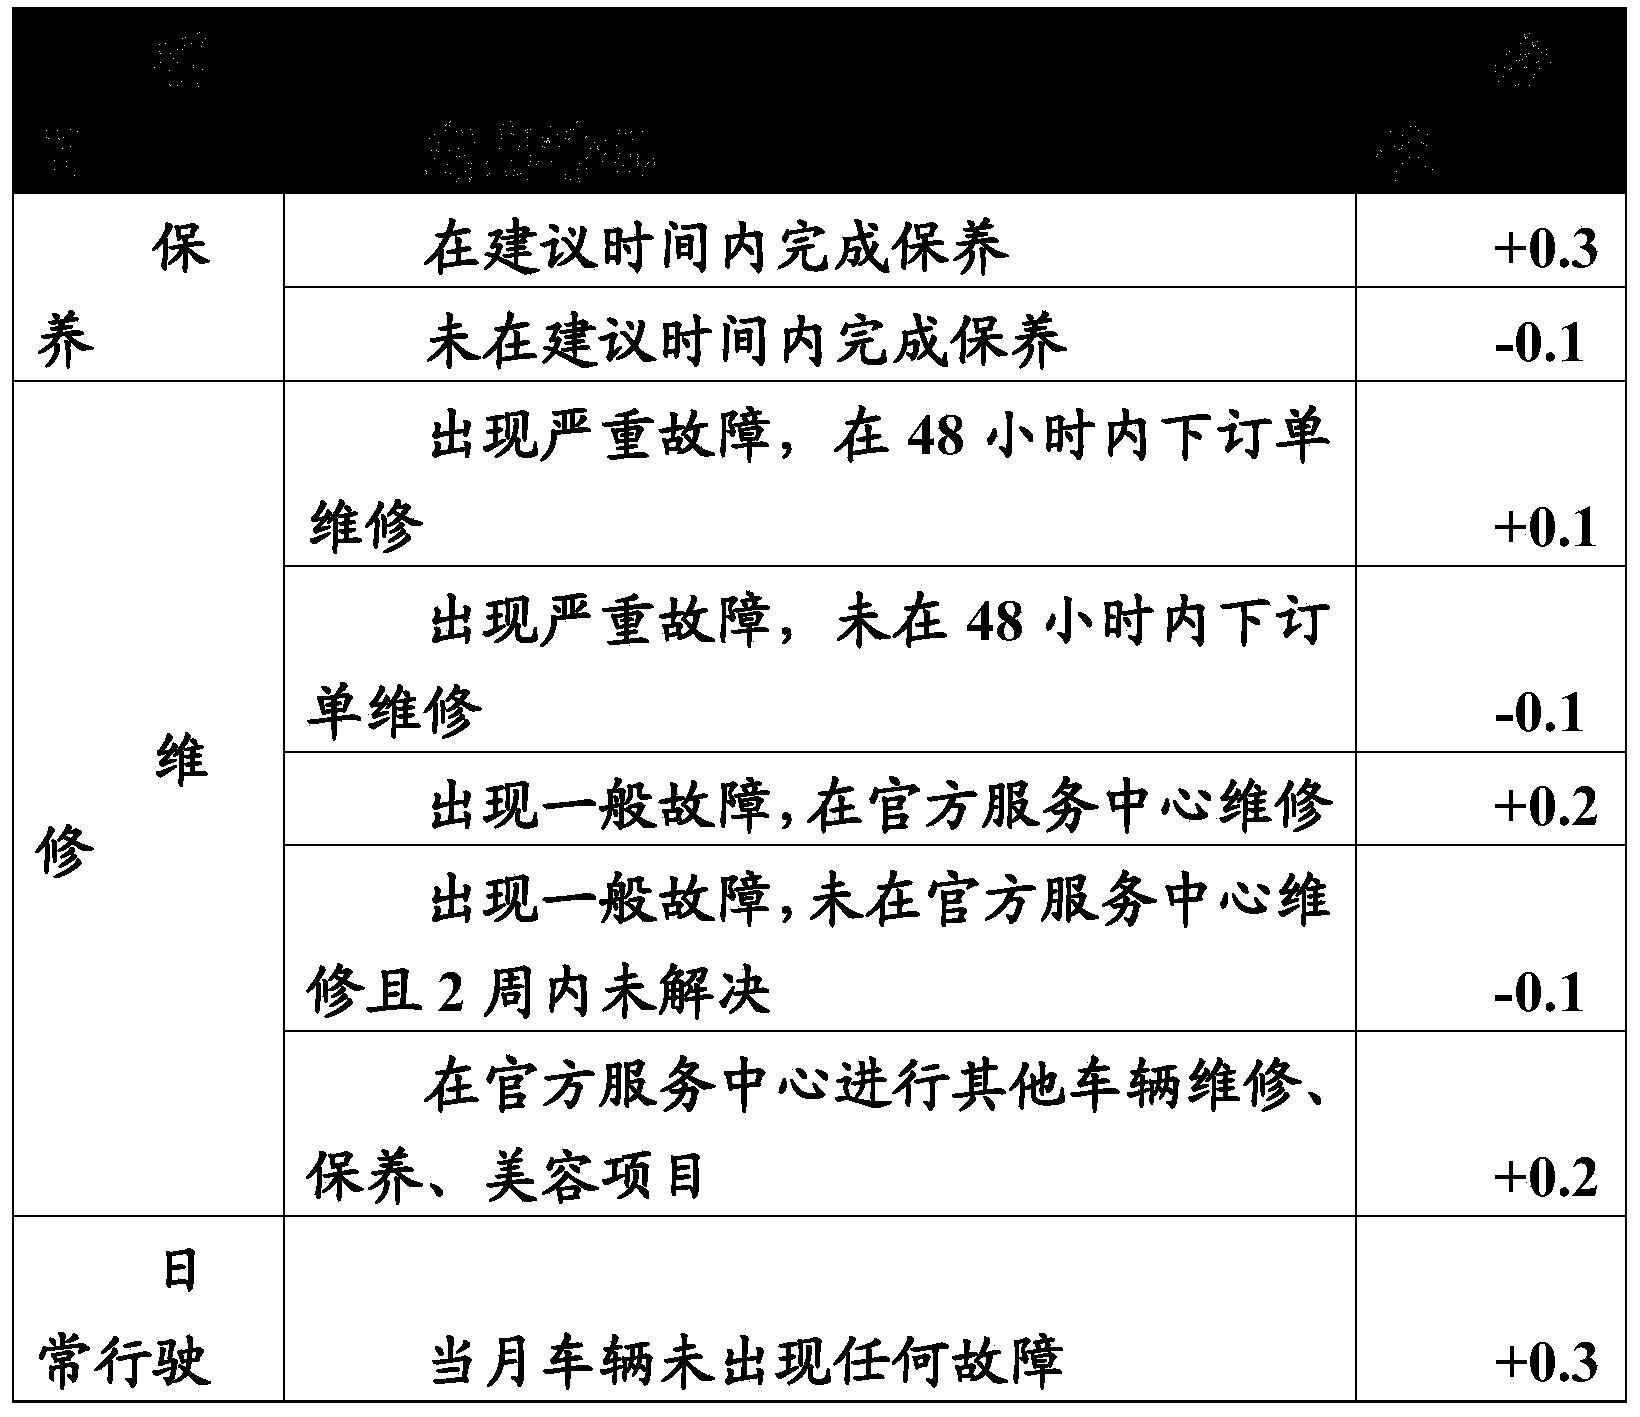 Figure PCTCN2018120639-appb-000001